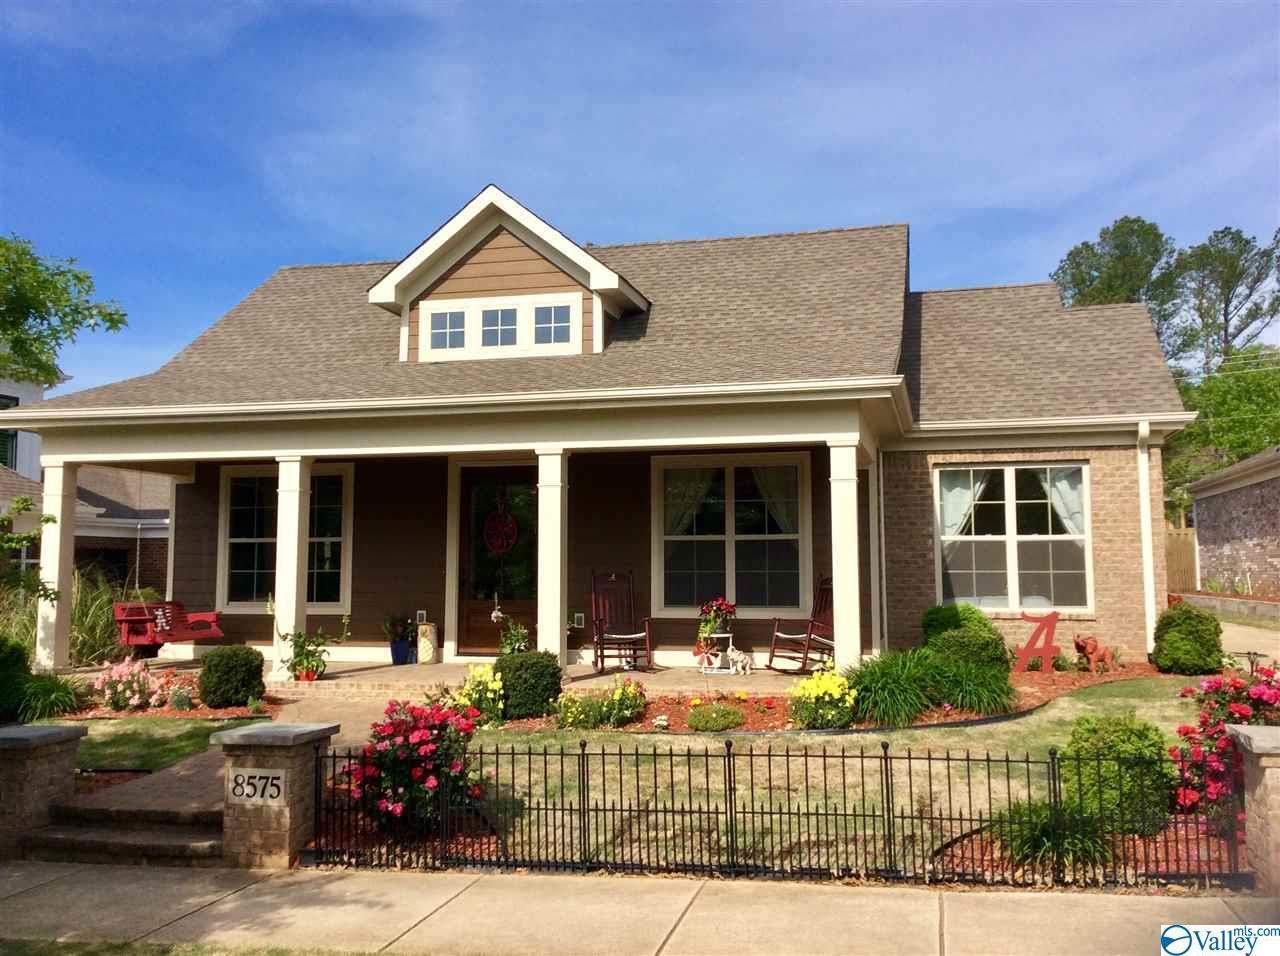 Excellent 8575 Bellewood Lane Madison Al 35756 Mls 1117475 Home Interior And Landscaping Ologienasavecom